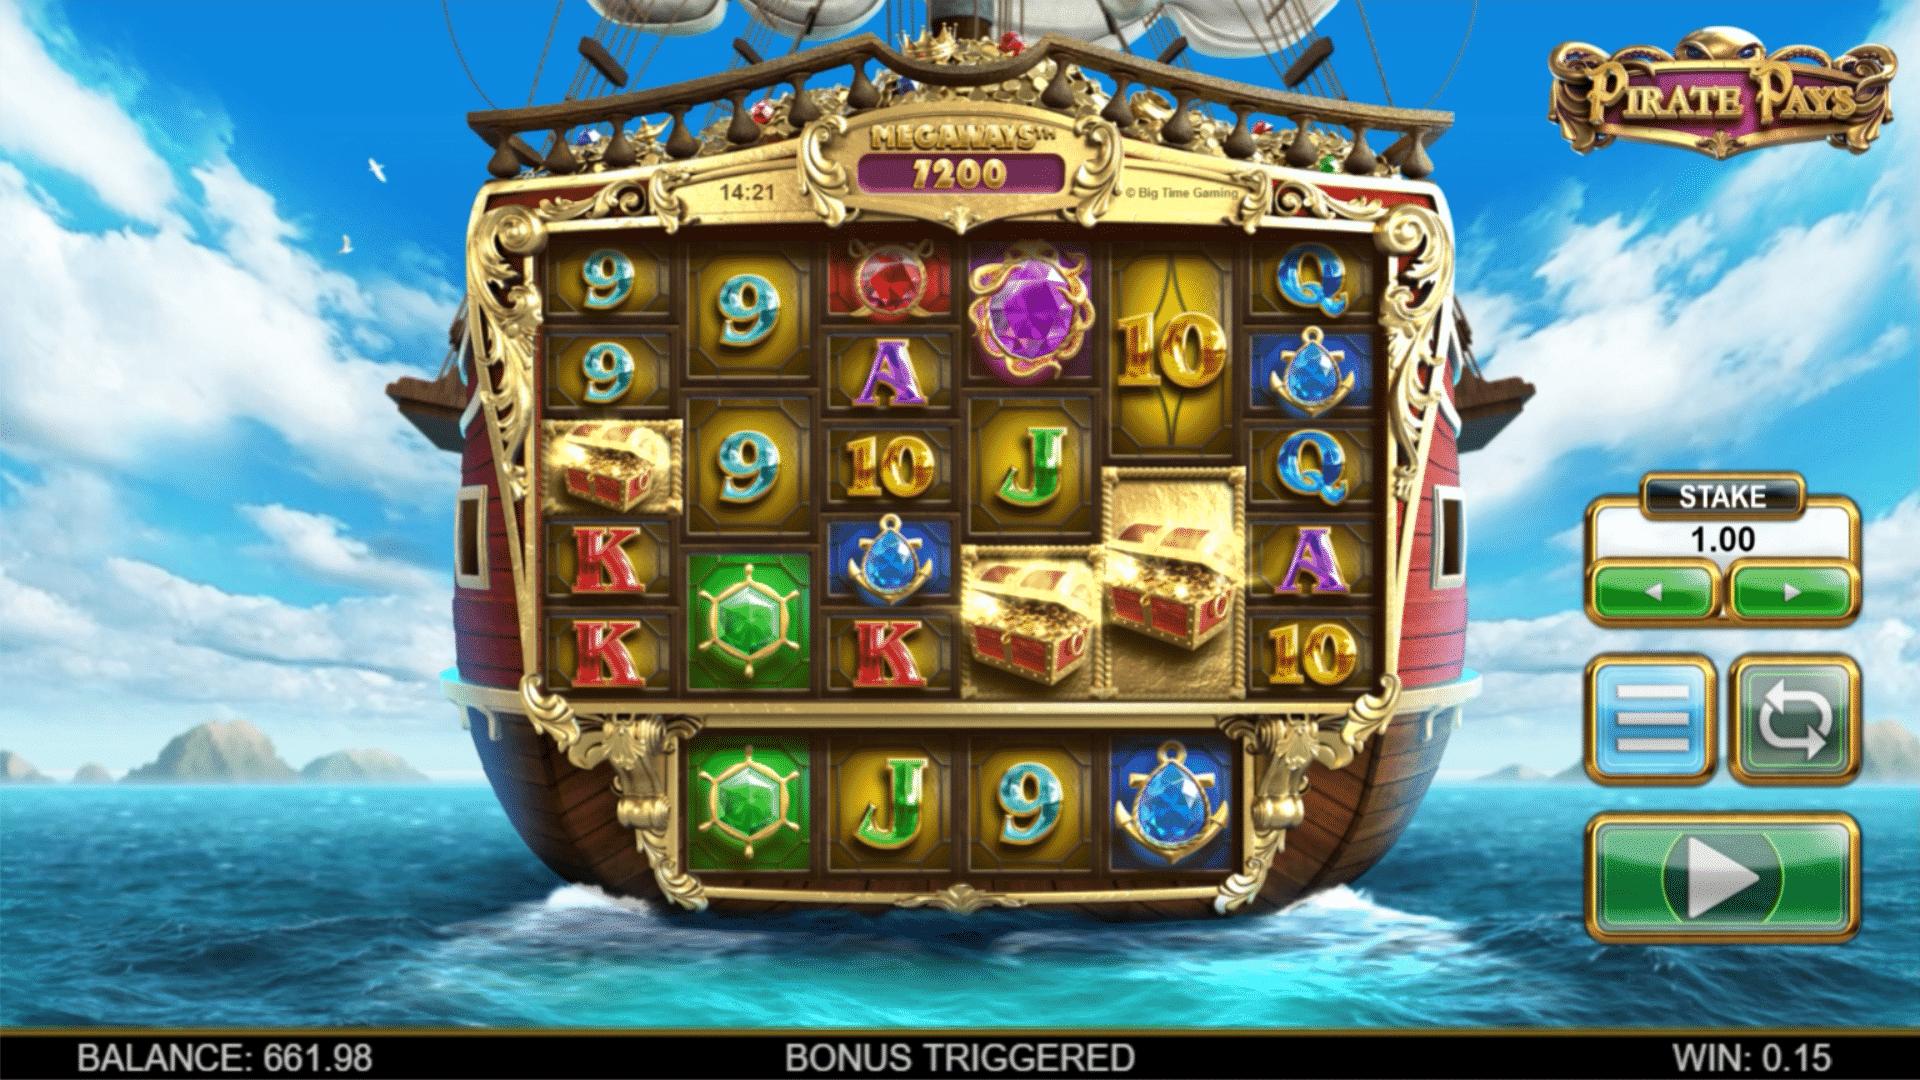 Pirate Pays Megaways Base Game